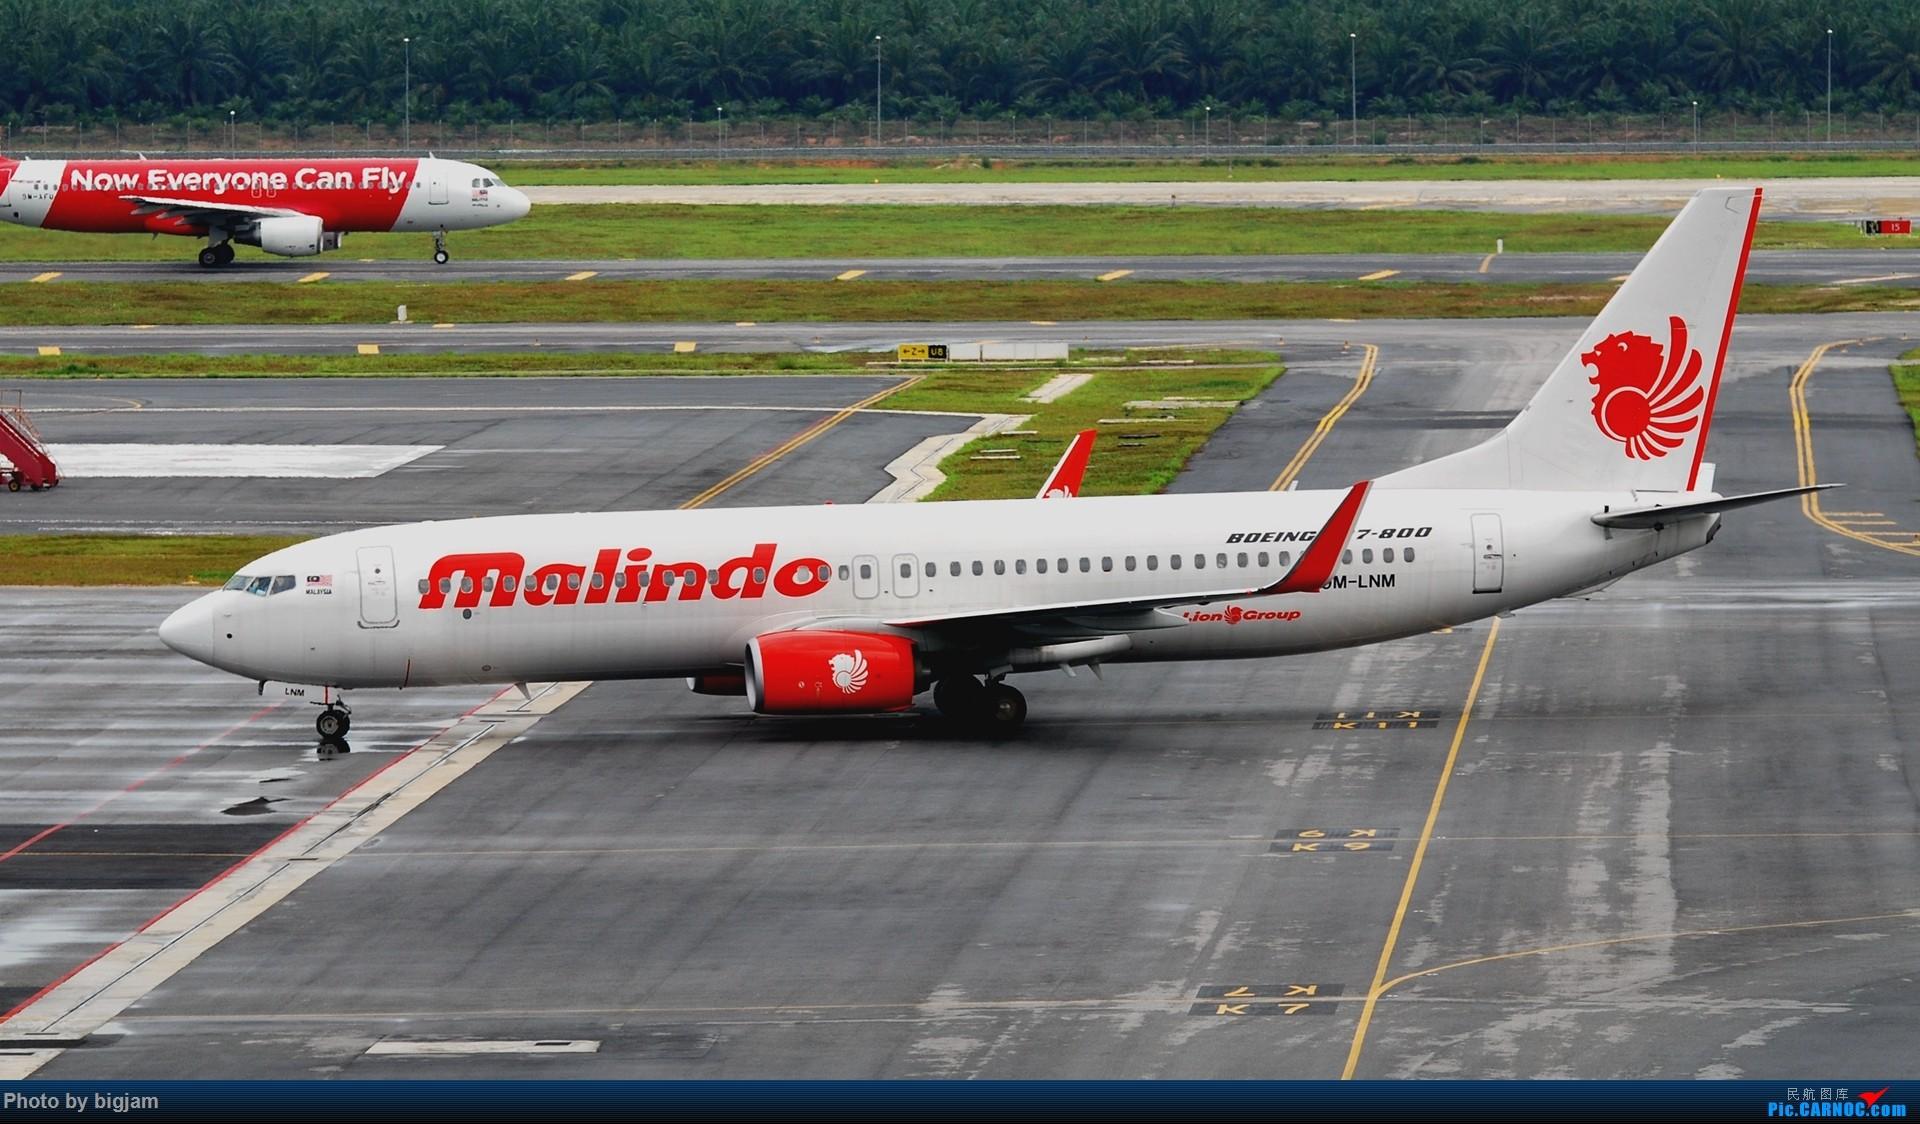 [原创]刚升级到B737级 那就发点拍过的B737吧 B737-800 9M-LNM 马来西亚吉隆坡机场